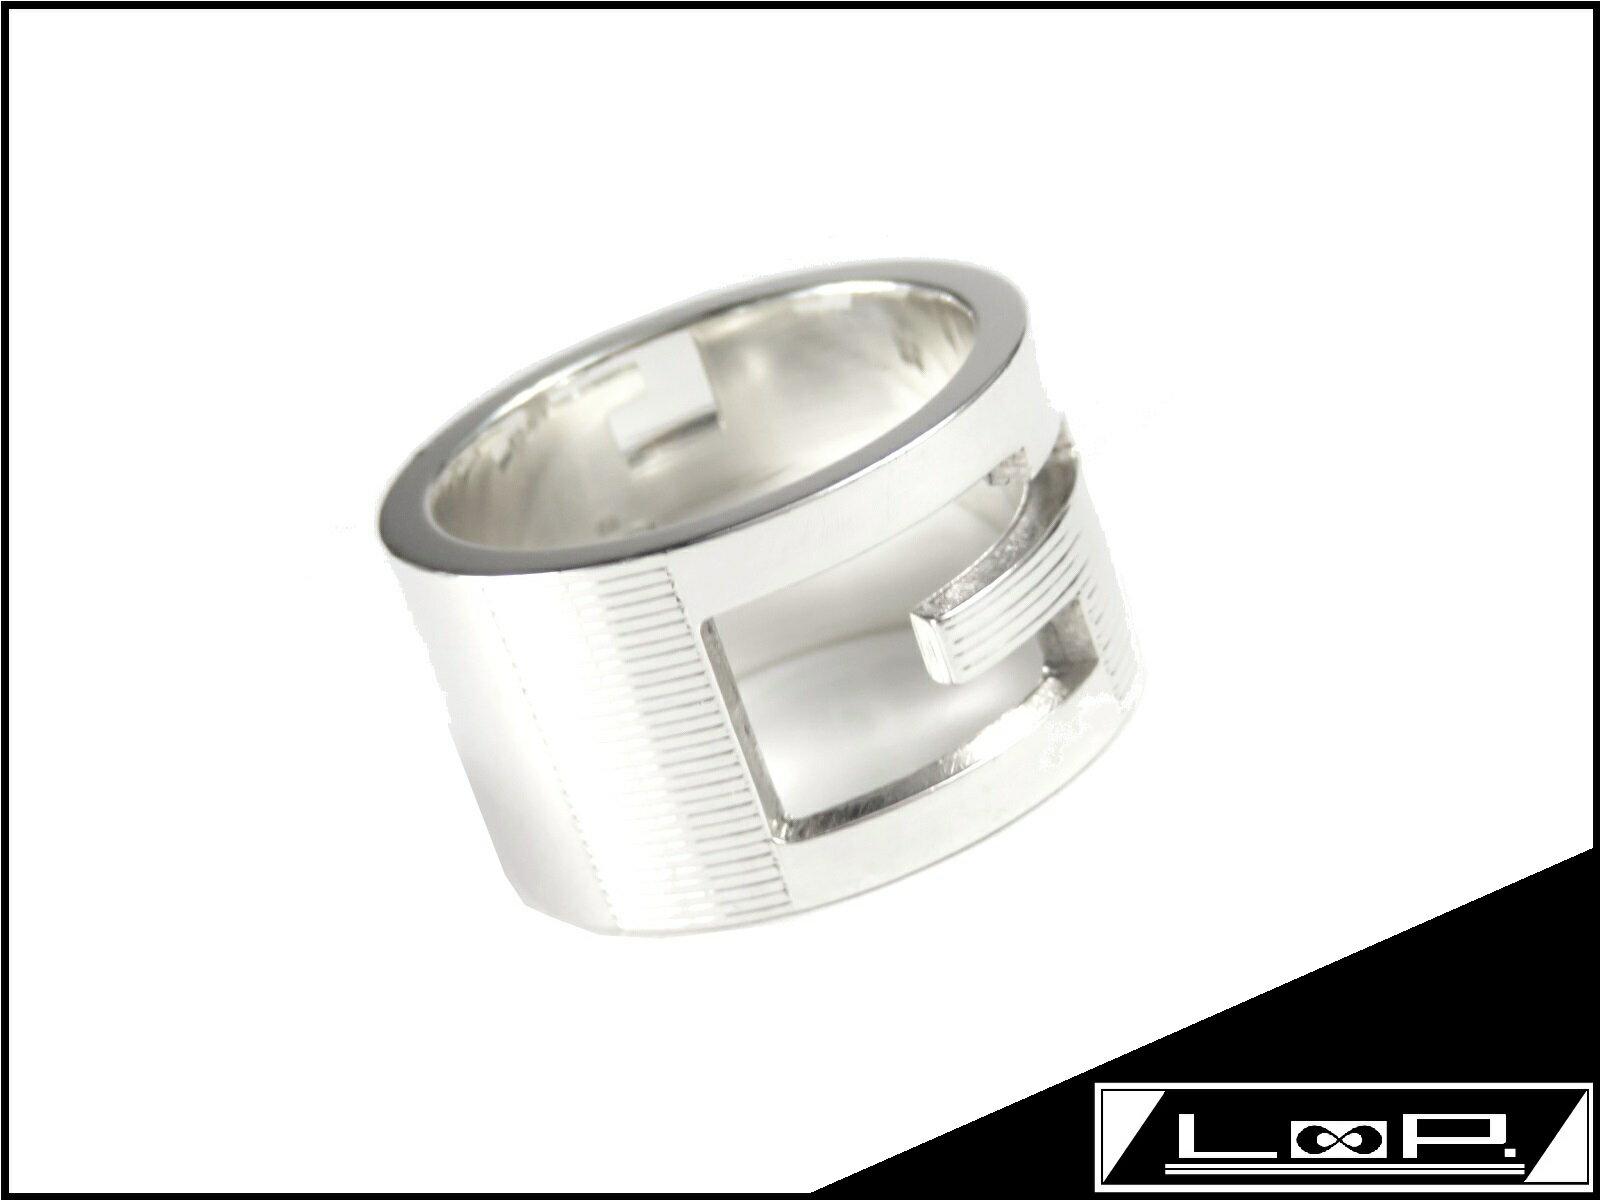 【美品】 GUCCI グッチ G ブランデッド ワイド リング 指輪 アクセサリーシルバー SV 925 【A18259】 【中古】